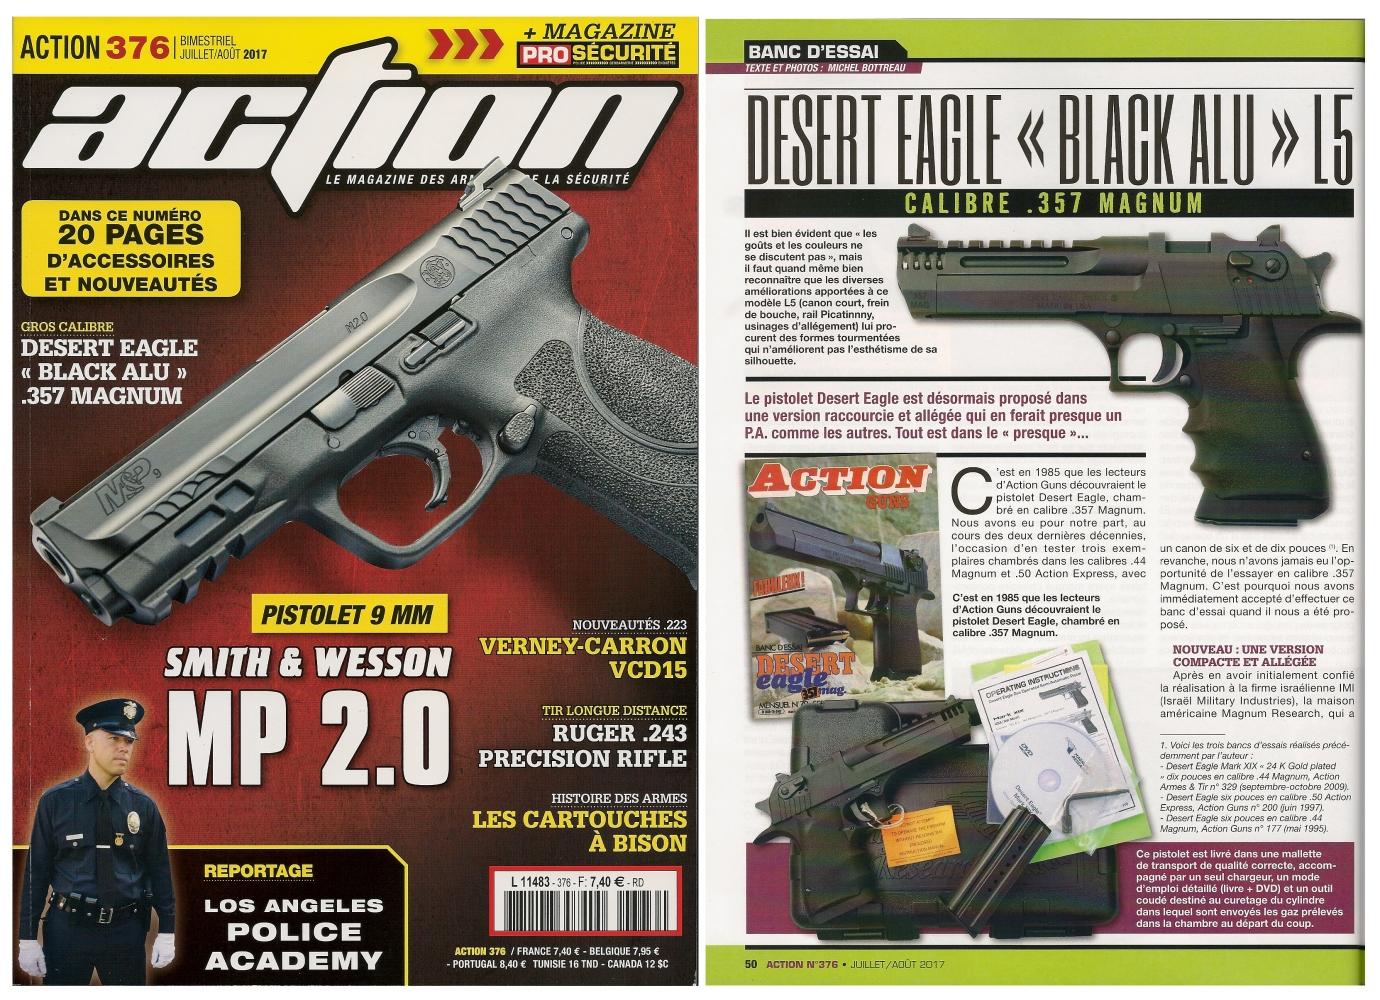 Le banc d'essai du pistolet Desert Eagle Black Alu L5 a été publié sur 6 pages dans le magazine Action n° 376 (juillet/août 2017).